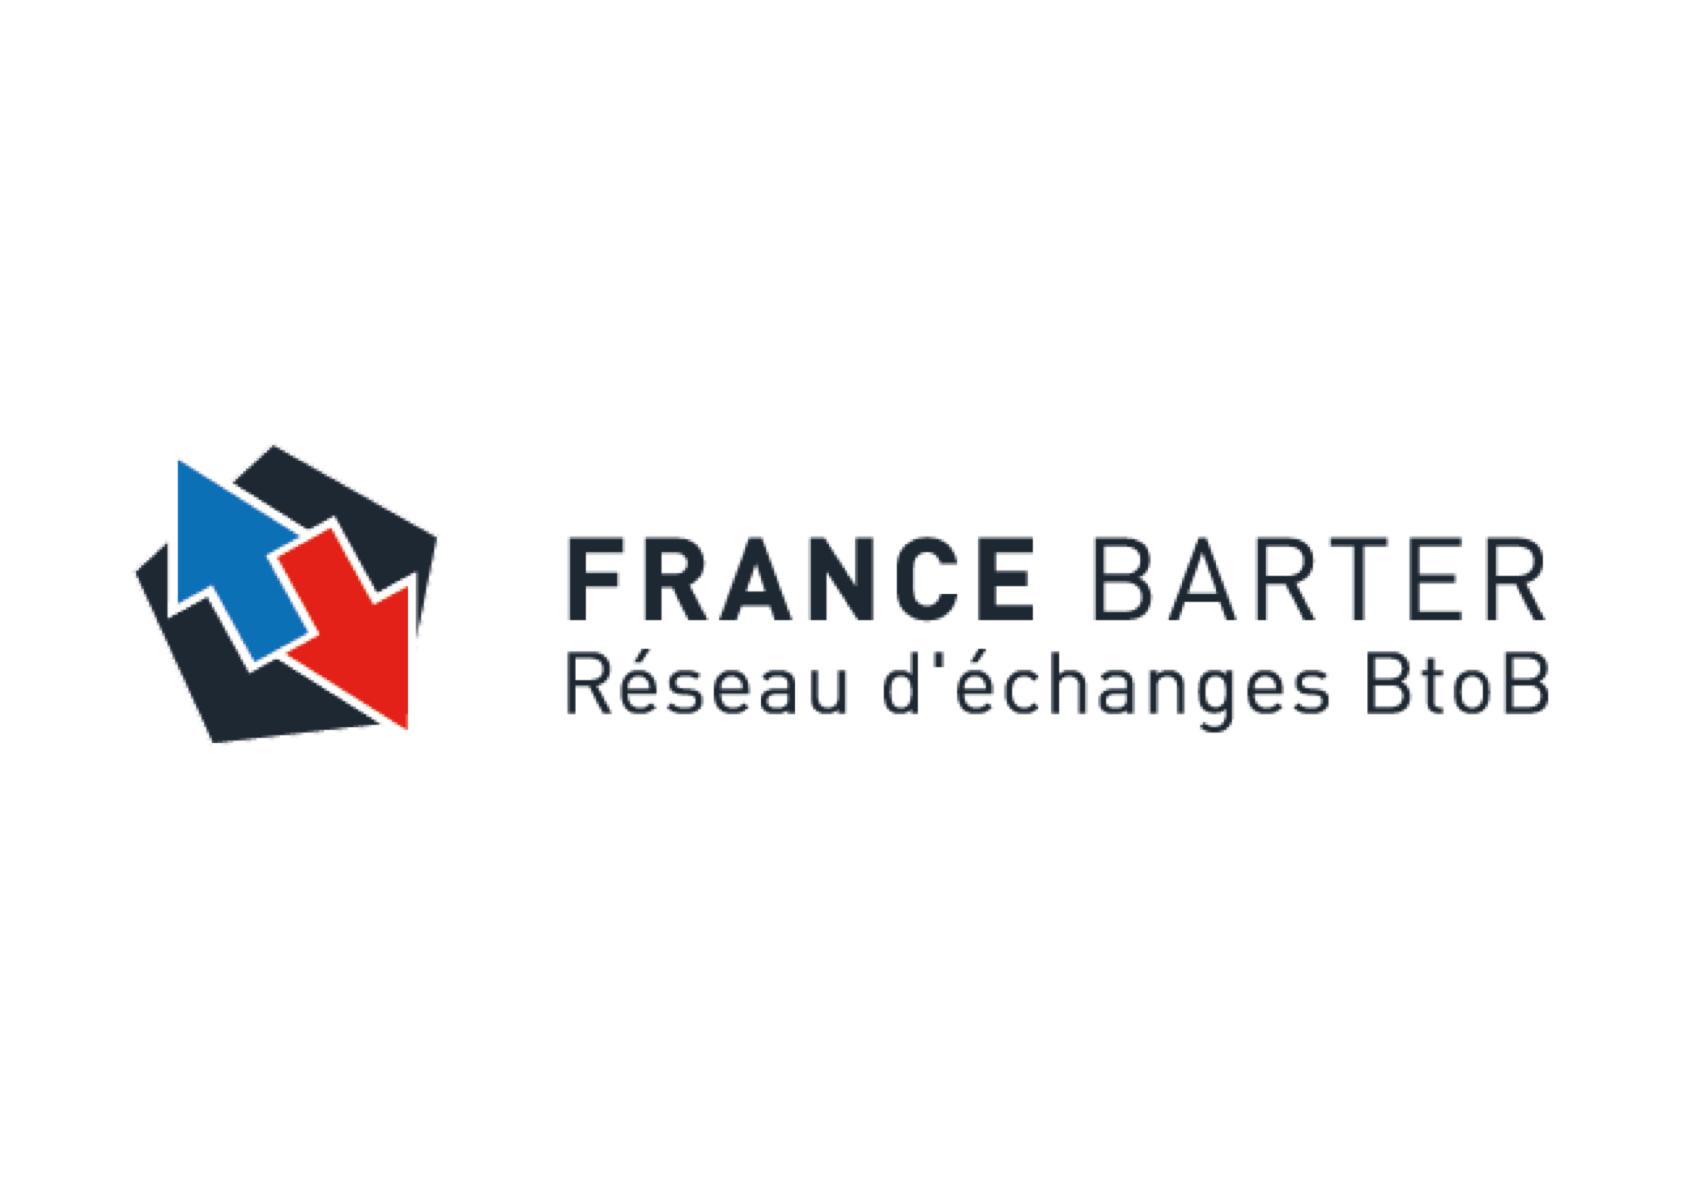 France Barter